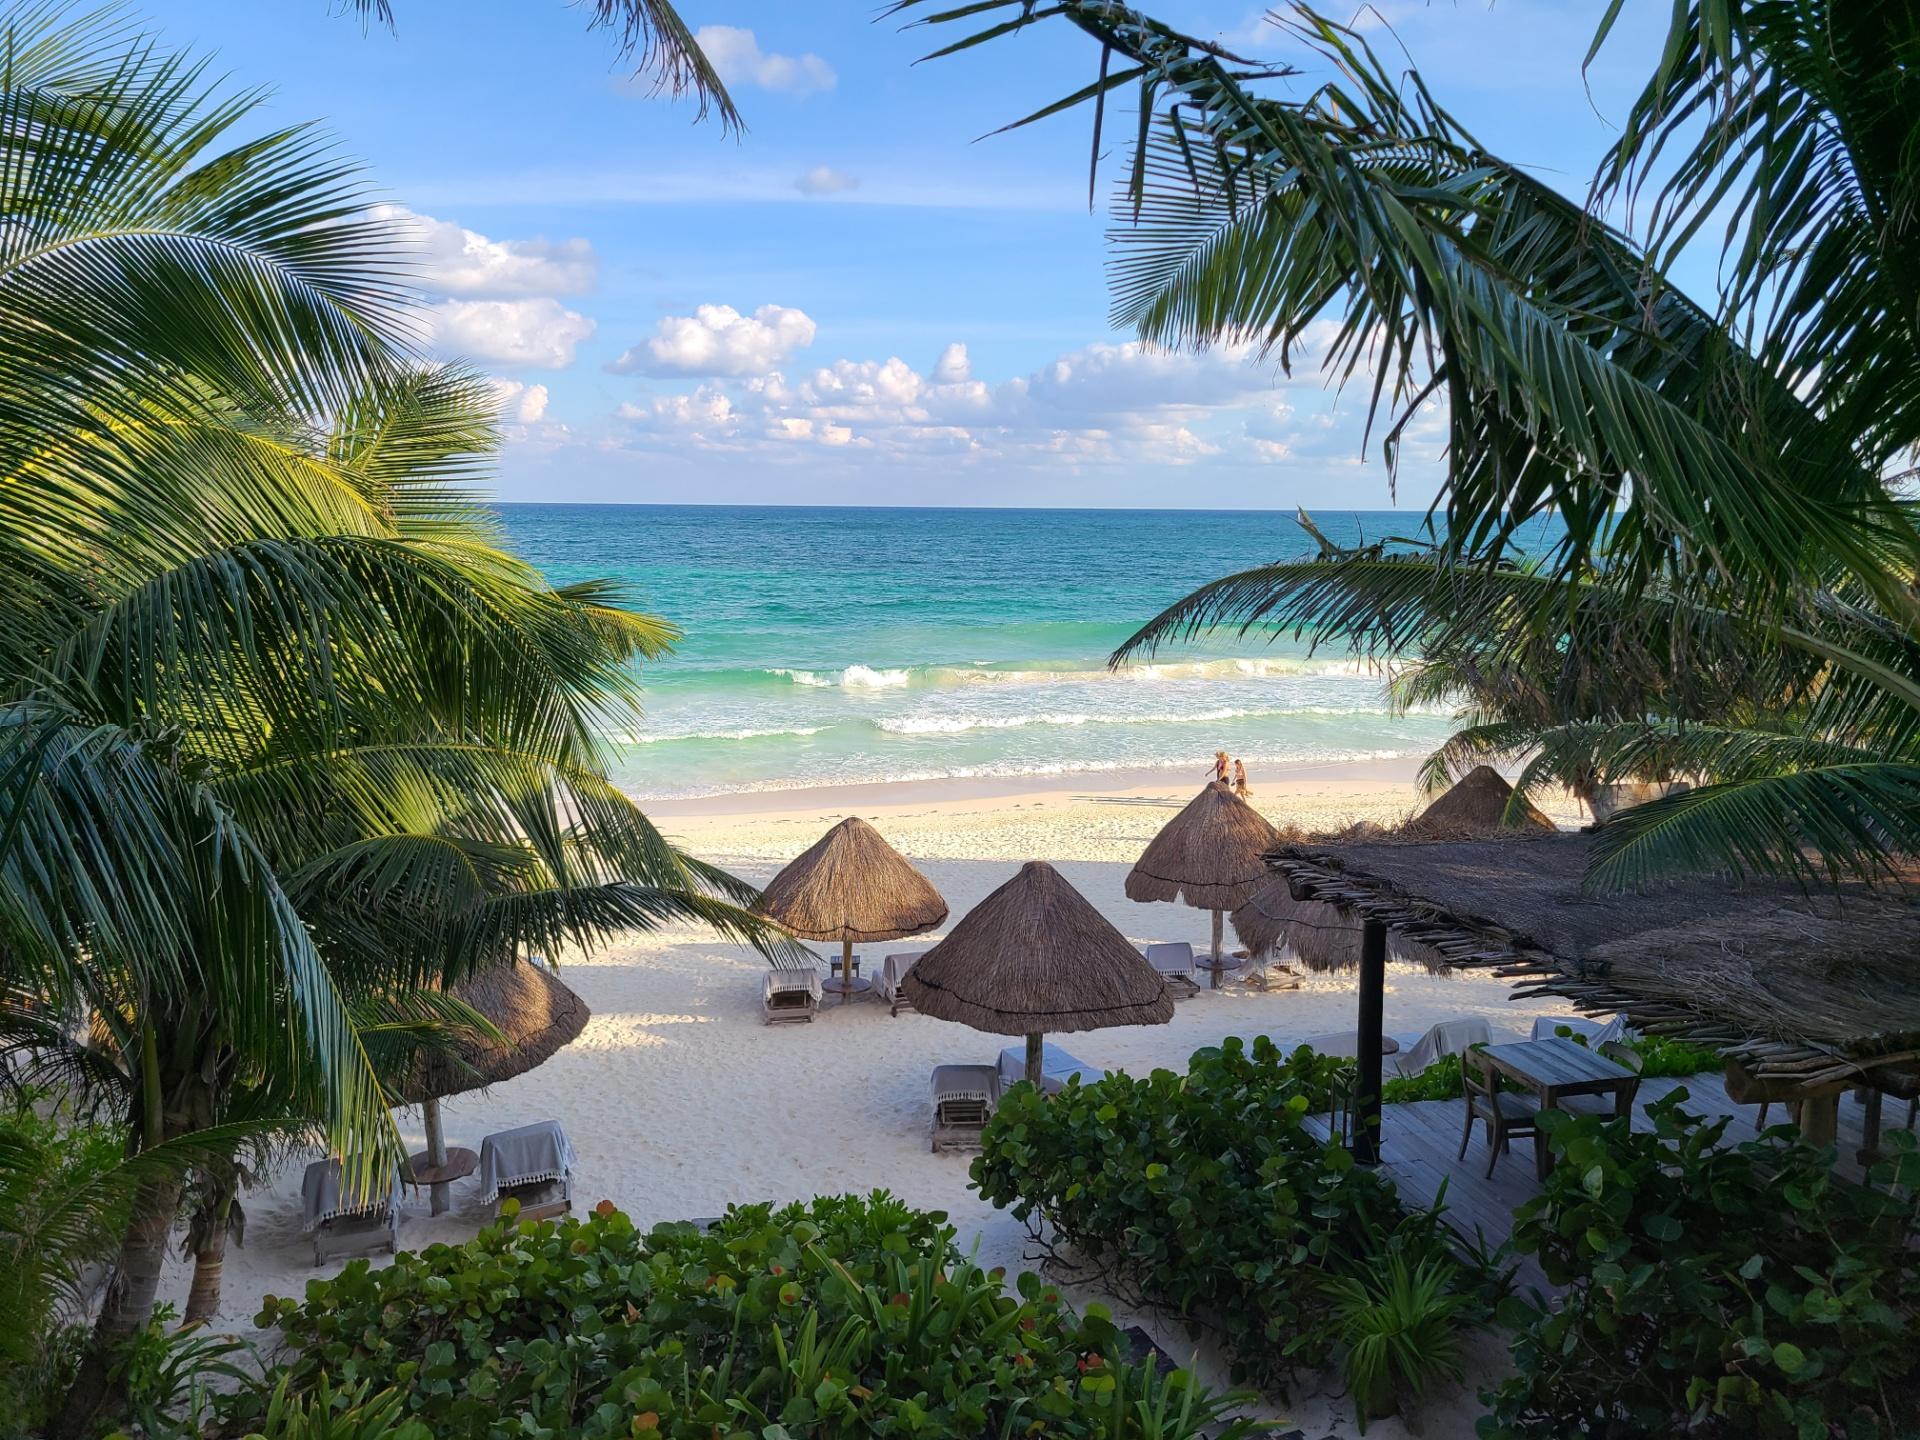 Top Beaches in Cancun